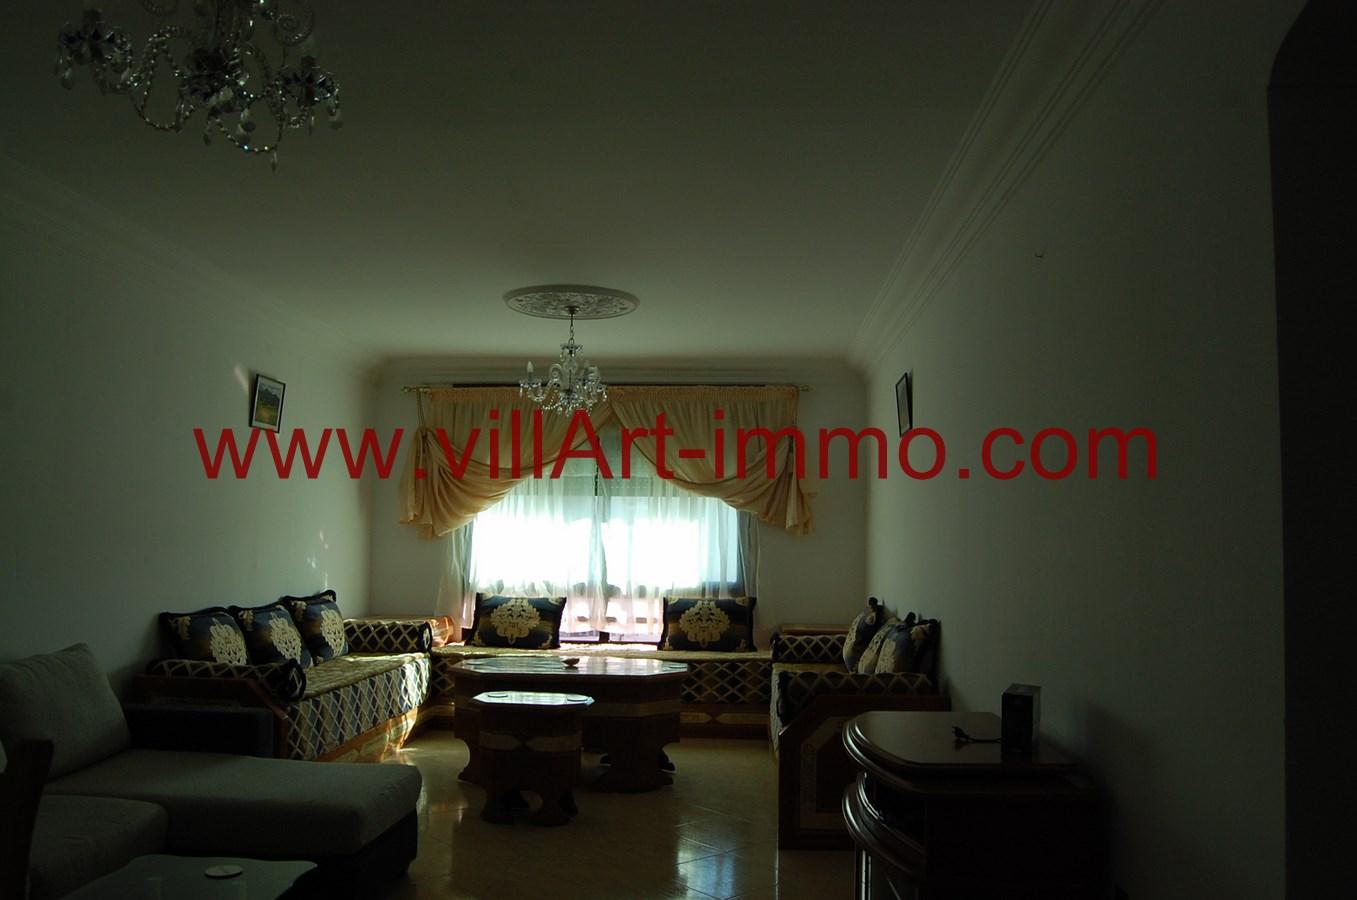 1-A louer-Appartement-Meublé-Tanger-Salon 1-L900-Villart immo